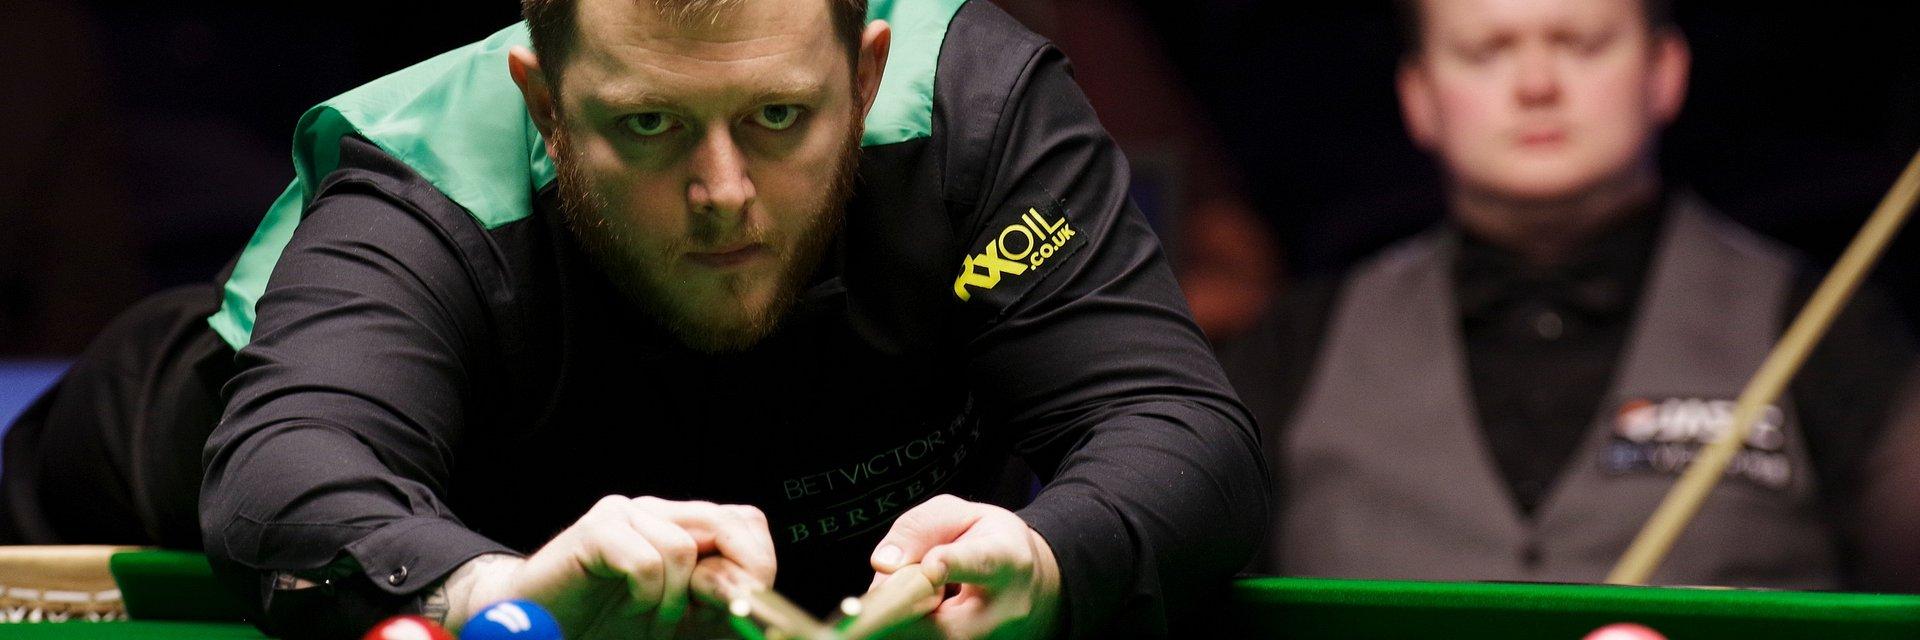 Scottish Open z udziałem Filipiaka i Stefanowa od poniedziałku na żywo tylko w Eurosporcie